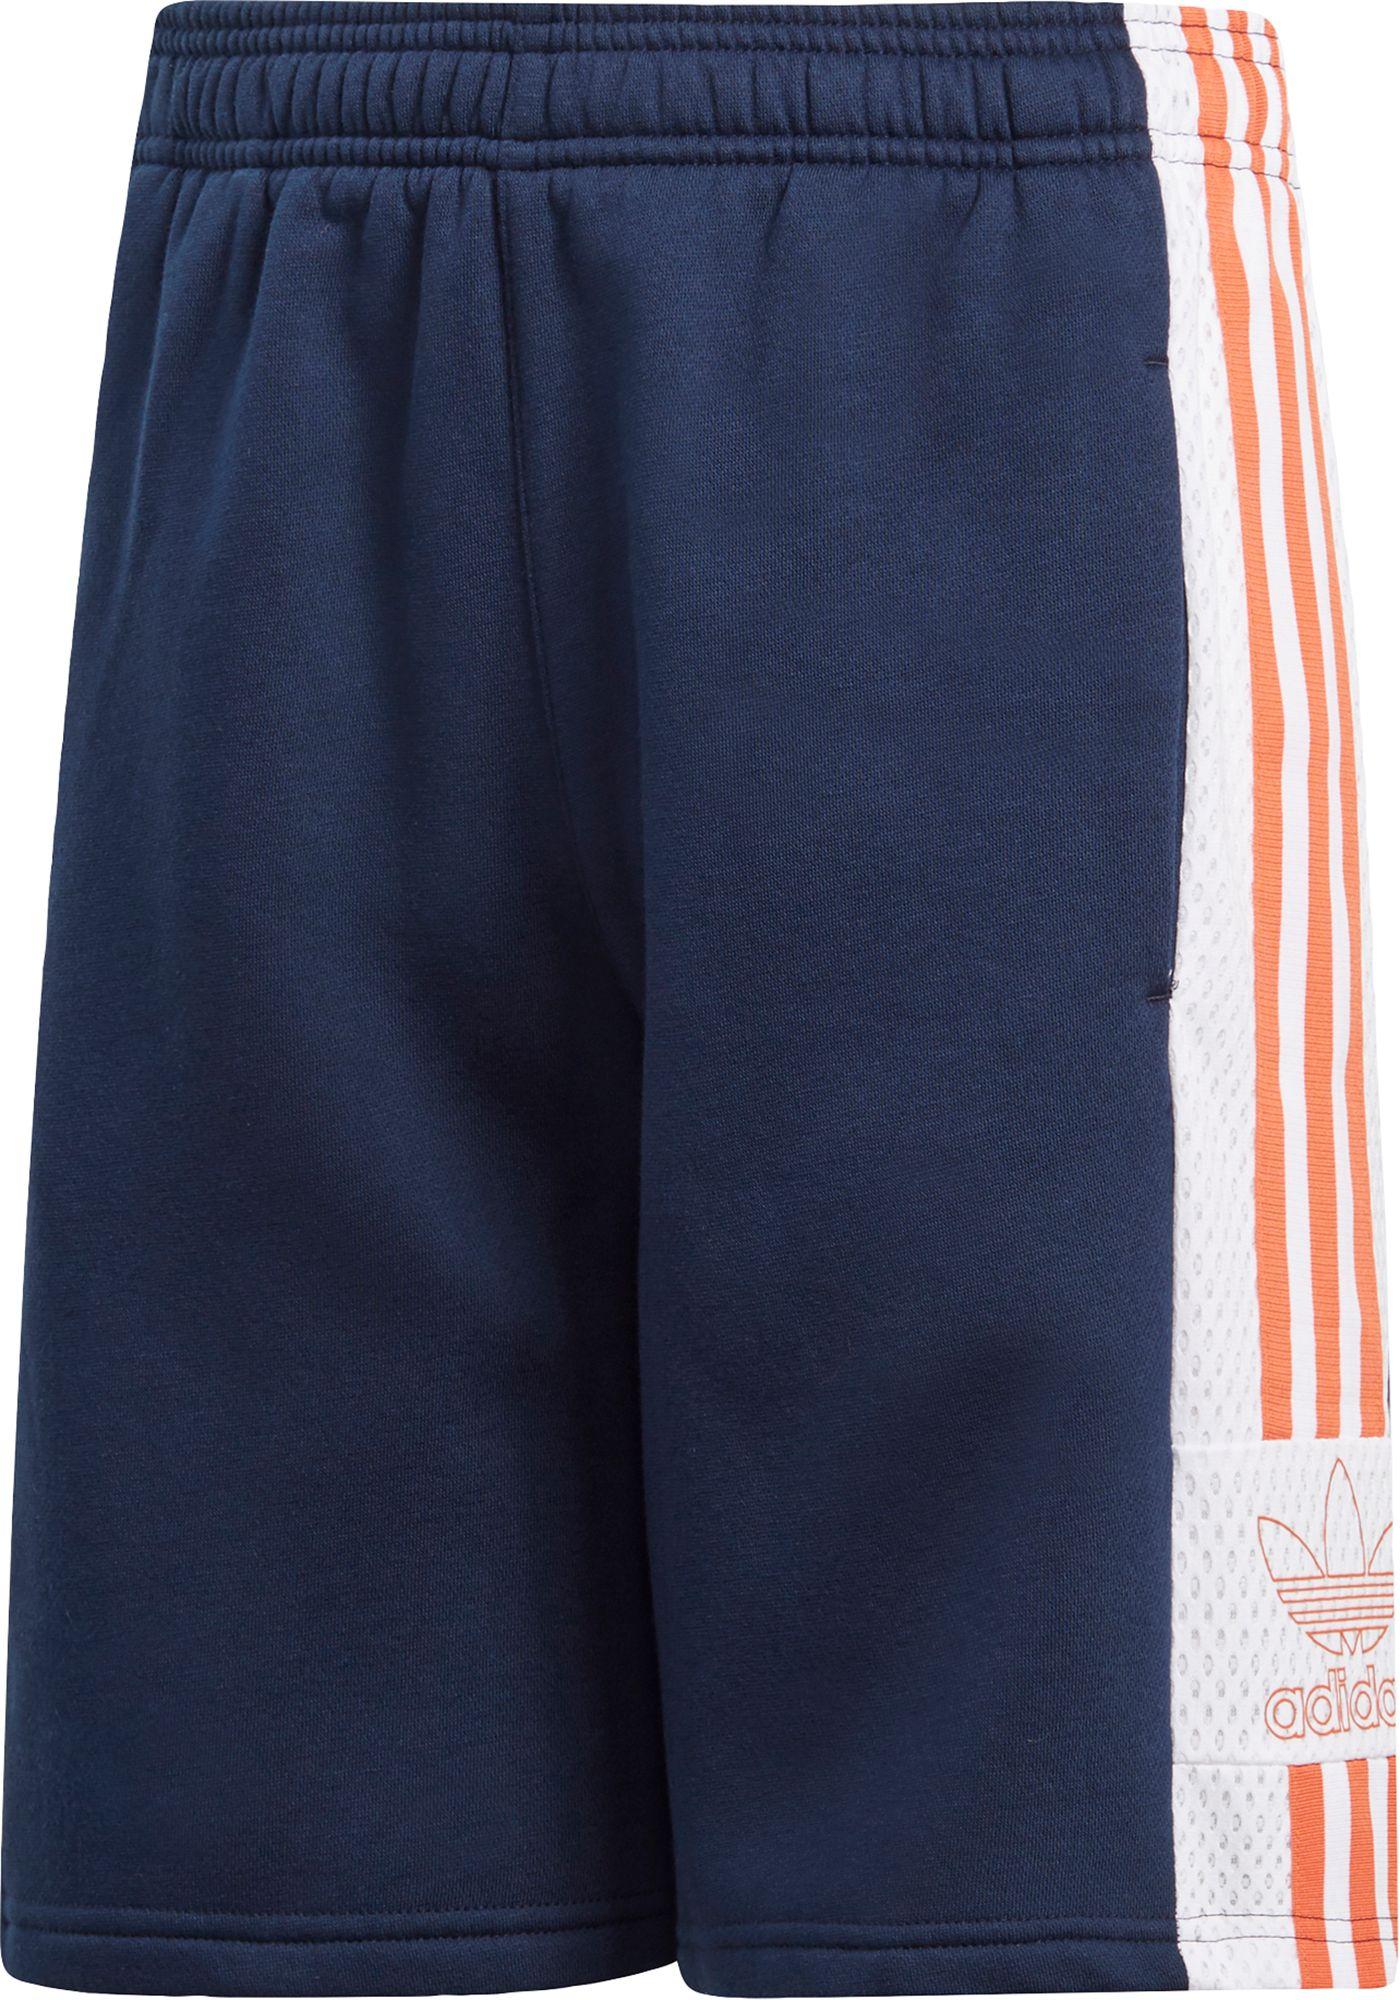 adidas Originals Boys' Trefoil Outline Shorts